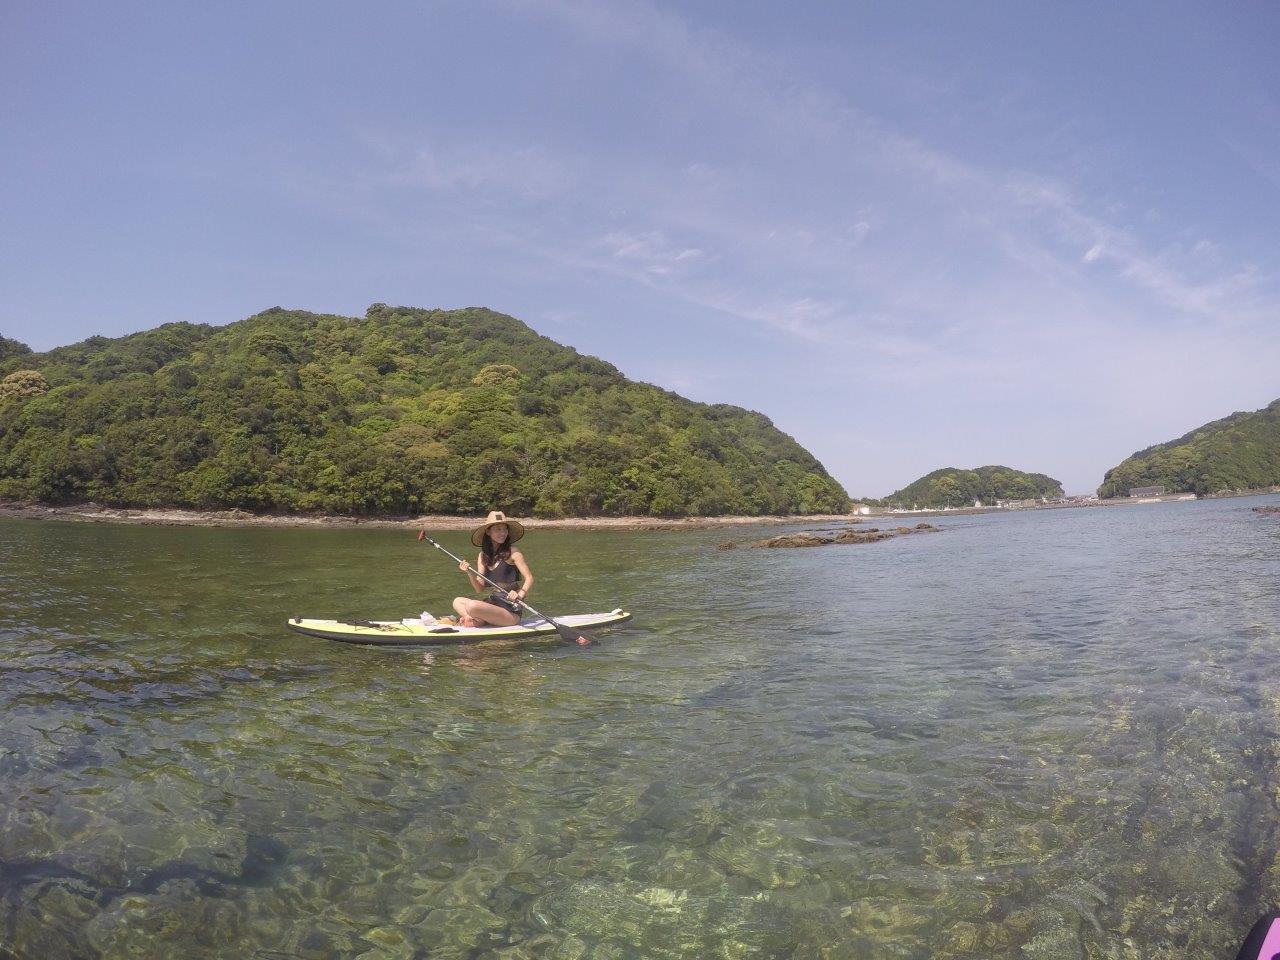 【SUPクルージング】初心者やお子様も安心して楽しめる☆穏やかな海をサップボード...